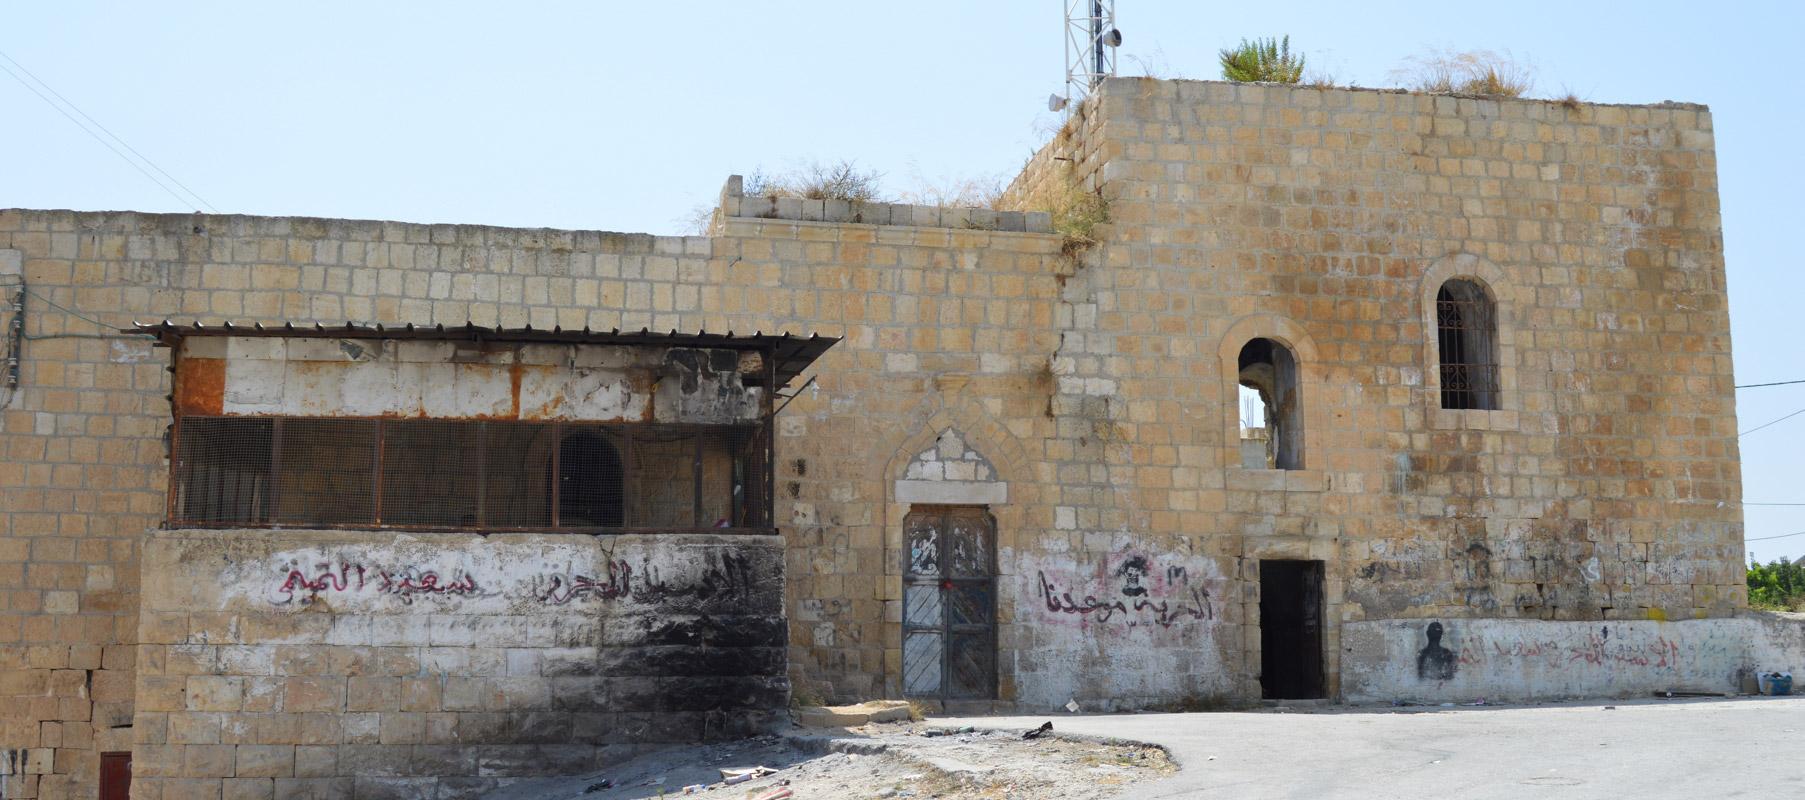 nabi salih Palestine